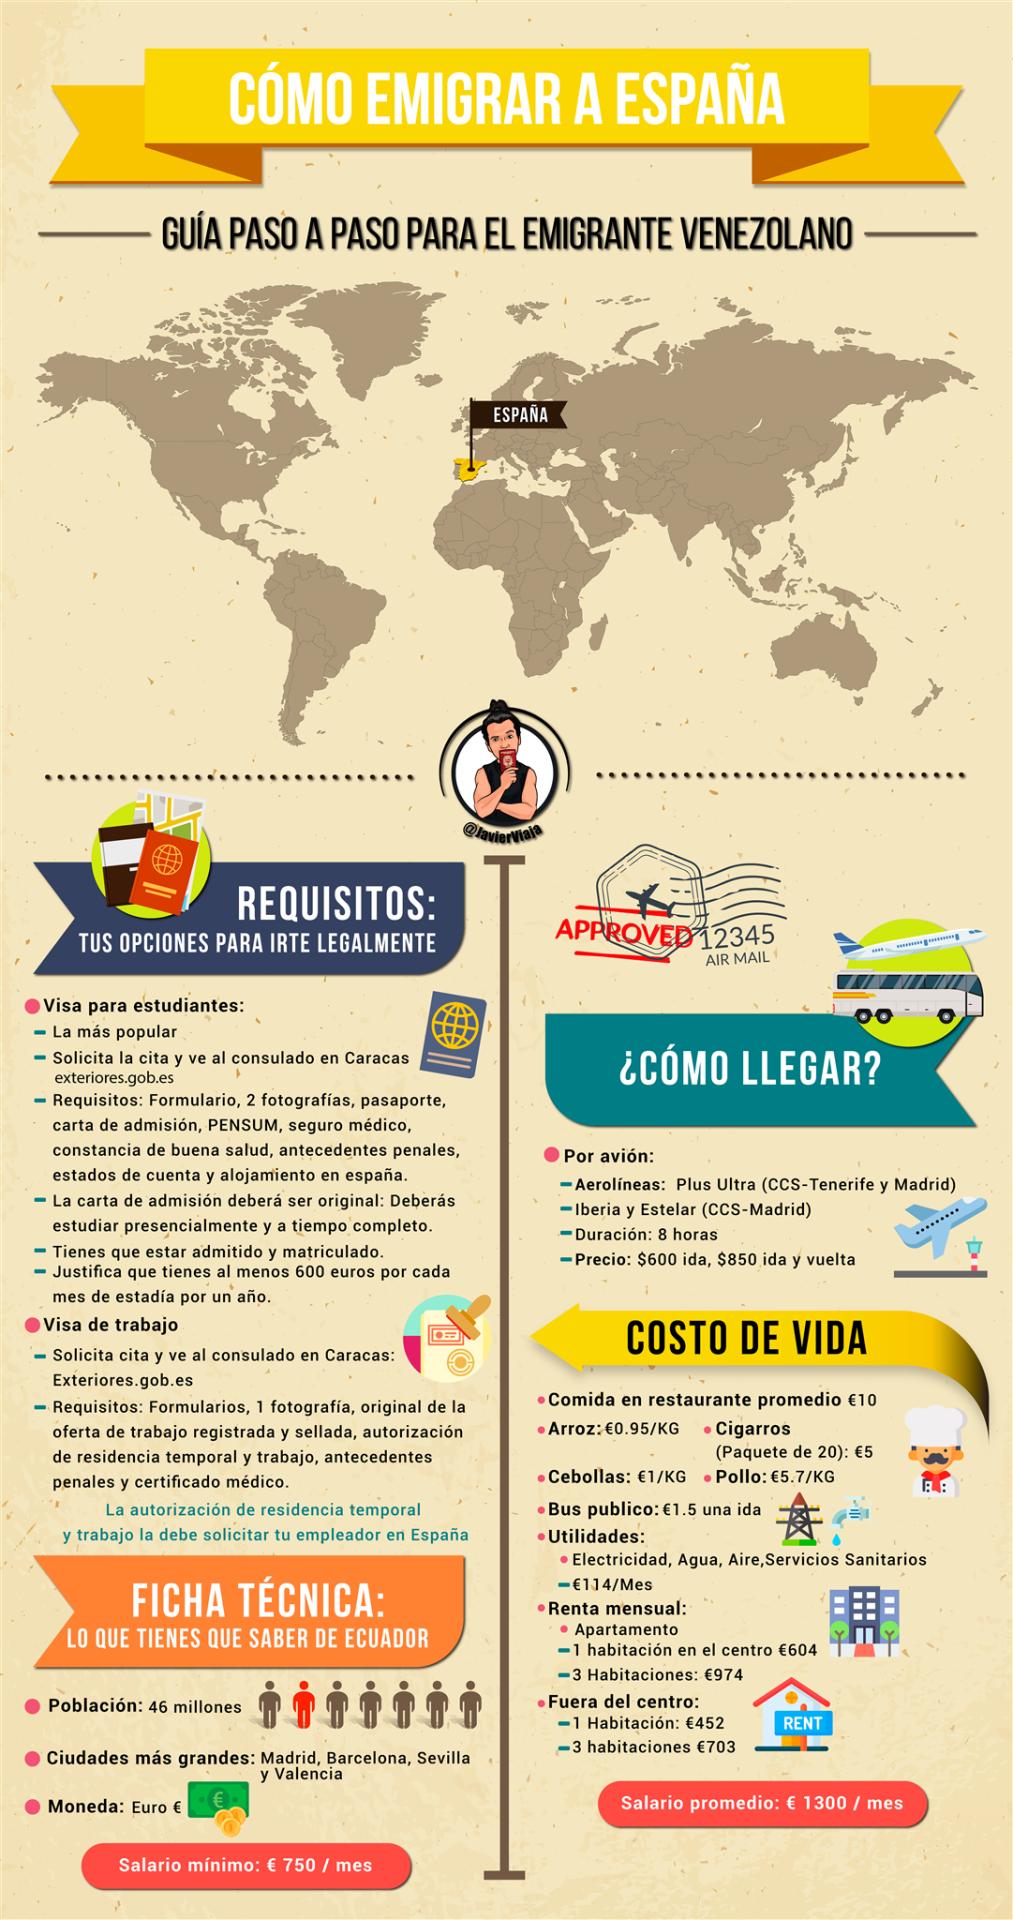 Infografía sobre cómo emigrar a España